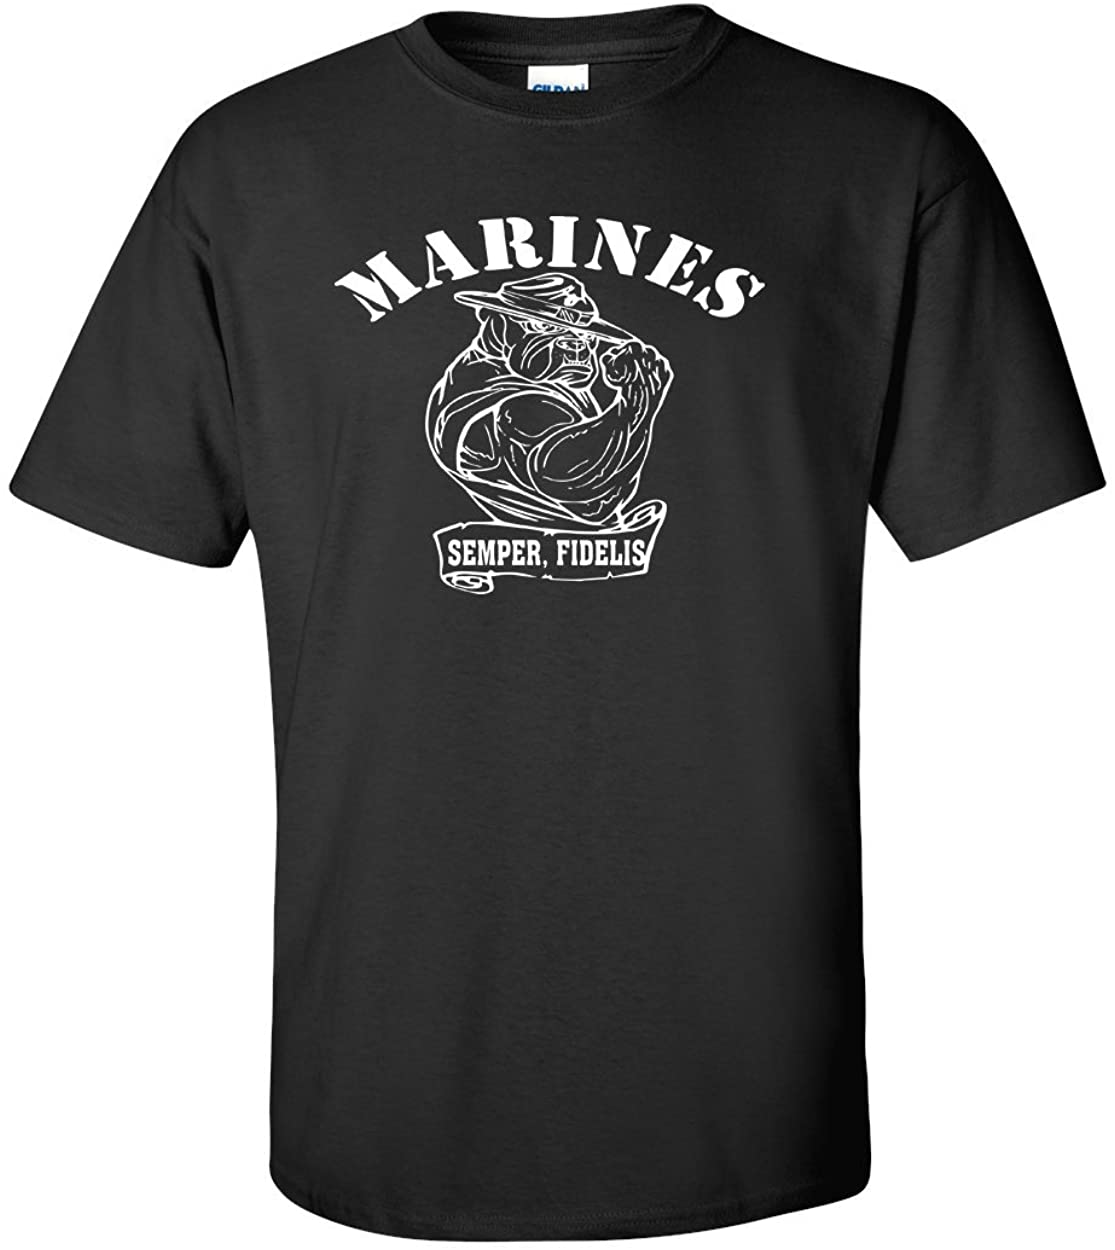 Variation BULL1TBLCK3XLOGOZ of United States Marine T Shirt B00VC9XZNC 3396